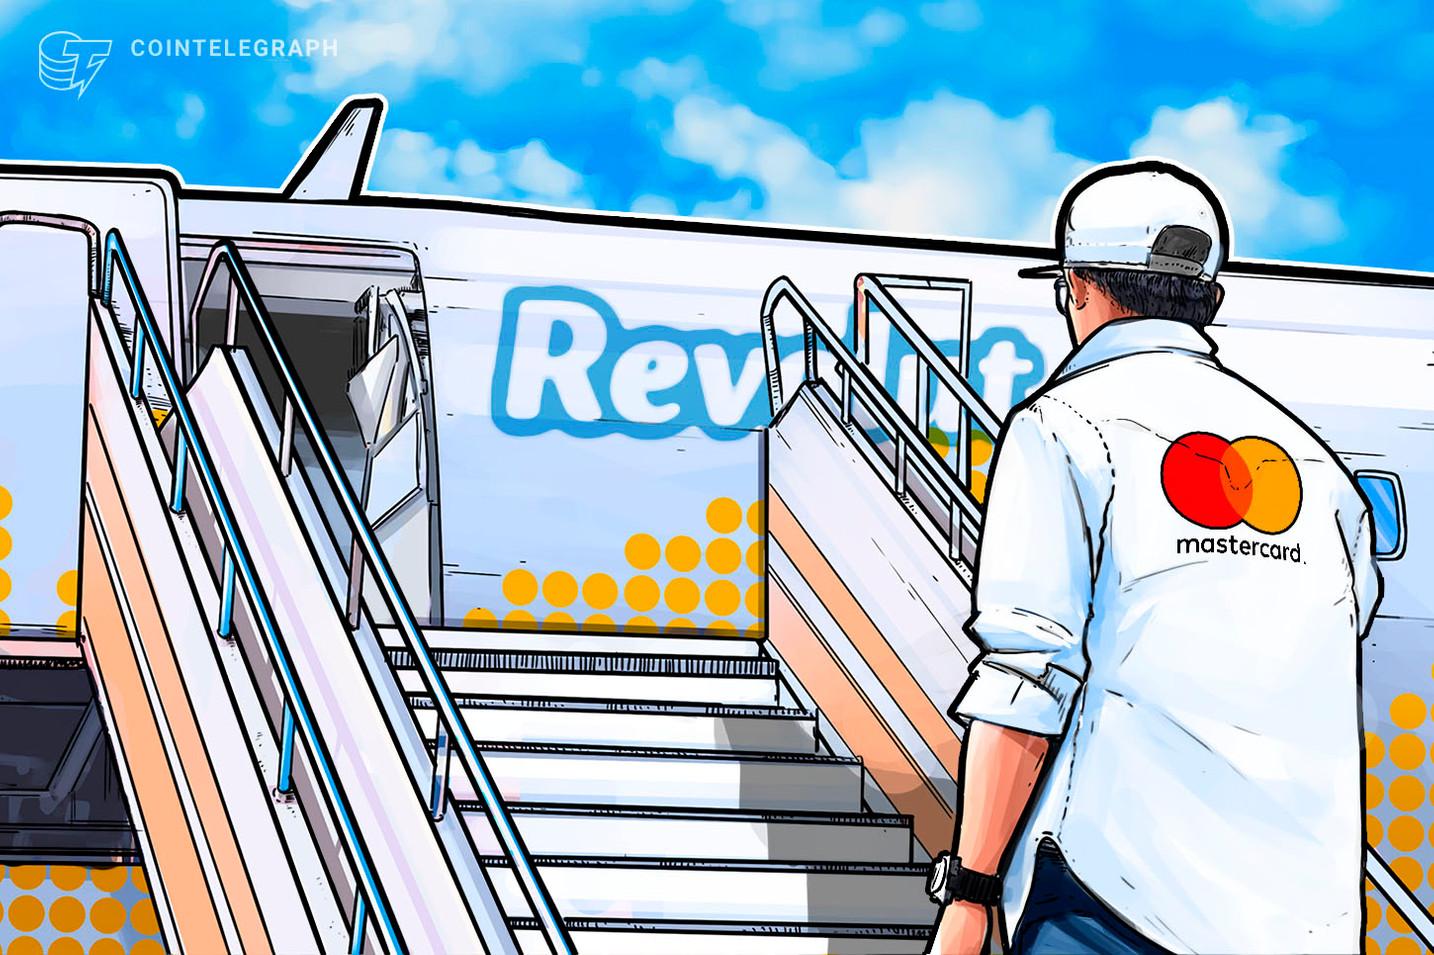 Kripto aplikacija Revolut potvrđuje podršku MasterCard-a za američku ekspanziju 2019.